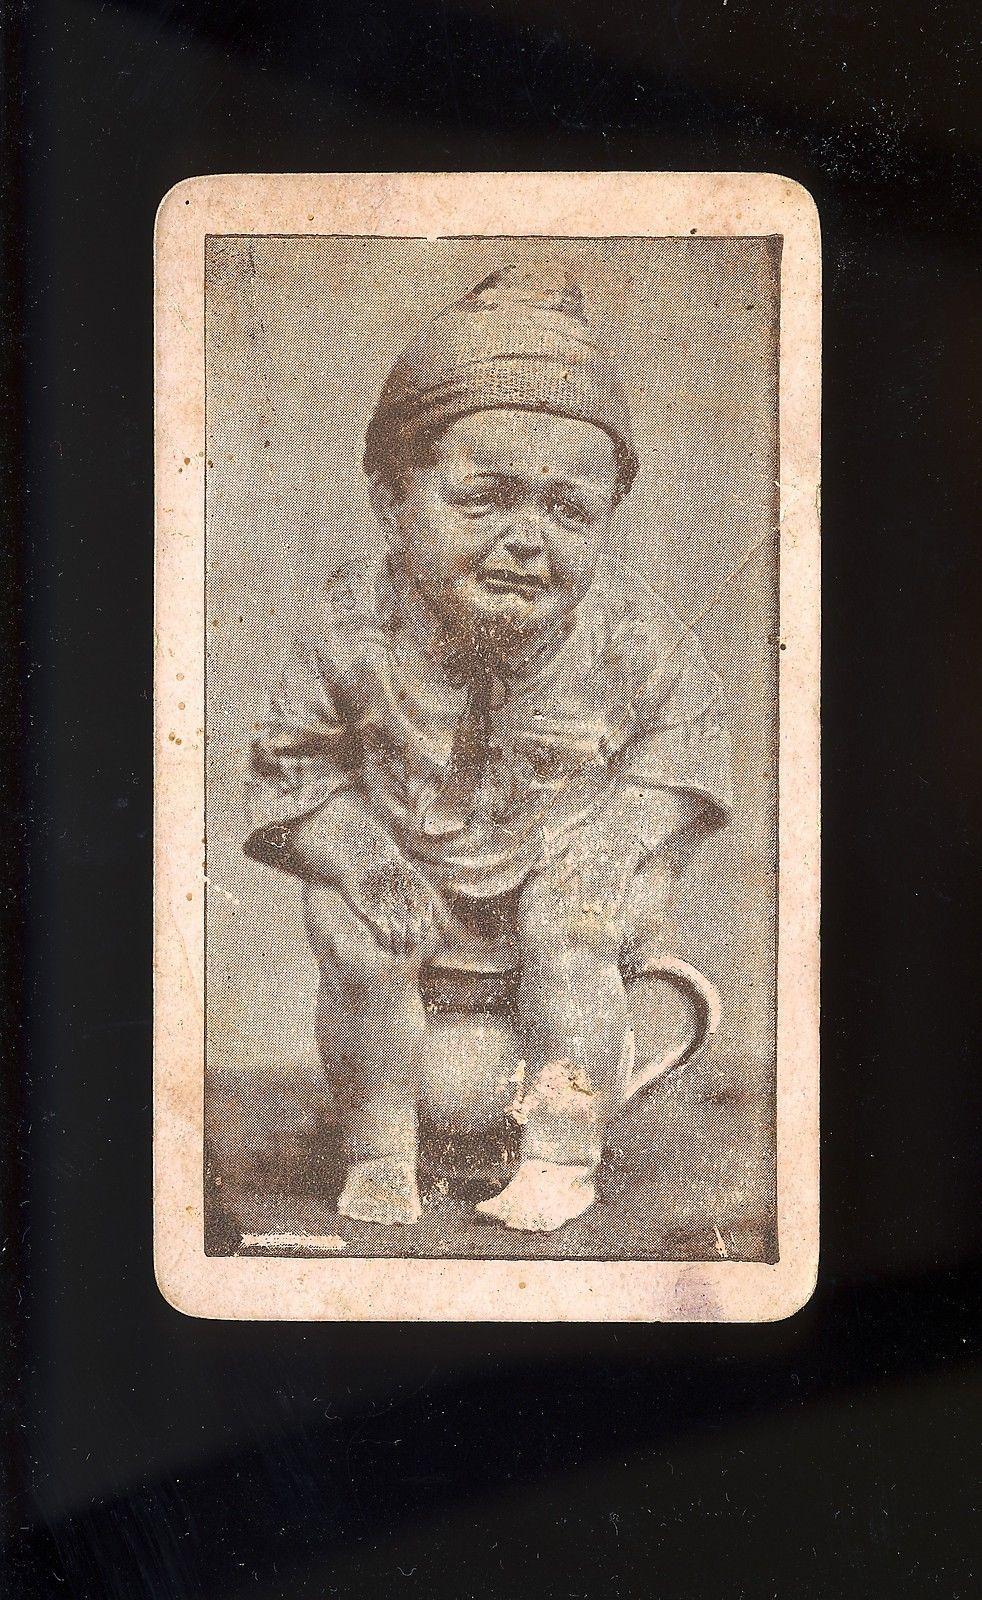 Antique business card kansas city mo louis steinecke boy chamber pot antique business card kansas city mo louis steinecke boy chamber pot the trade ebay colourmoves